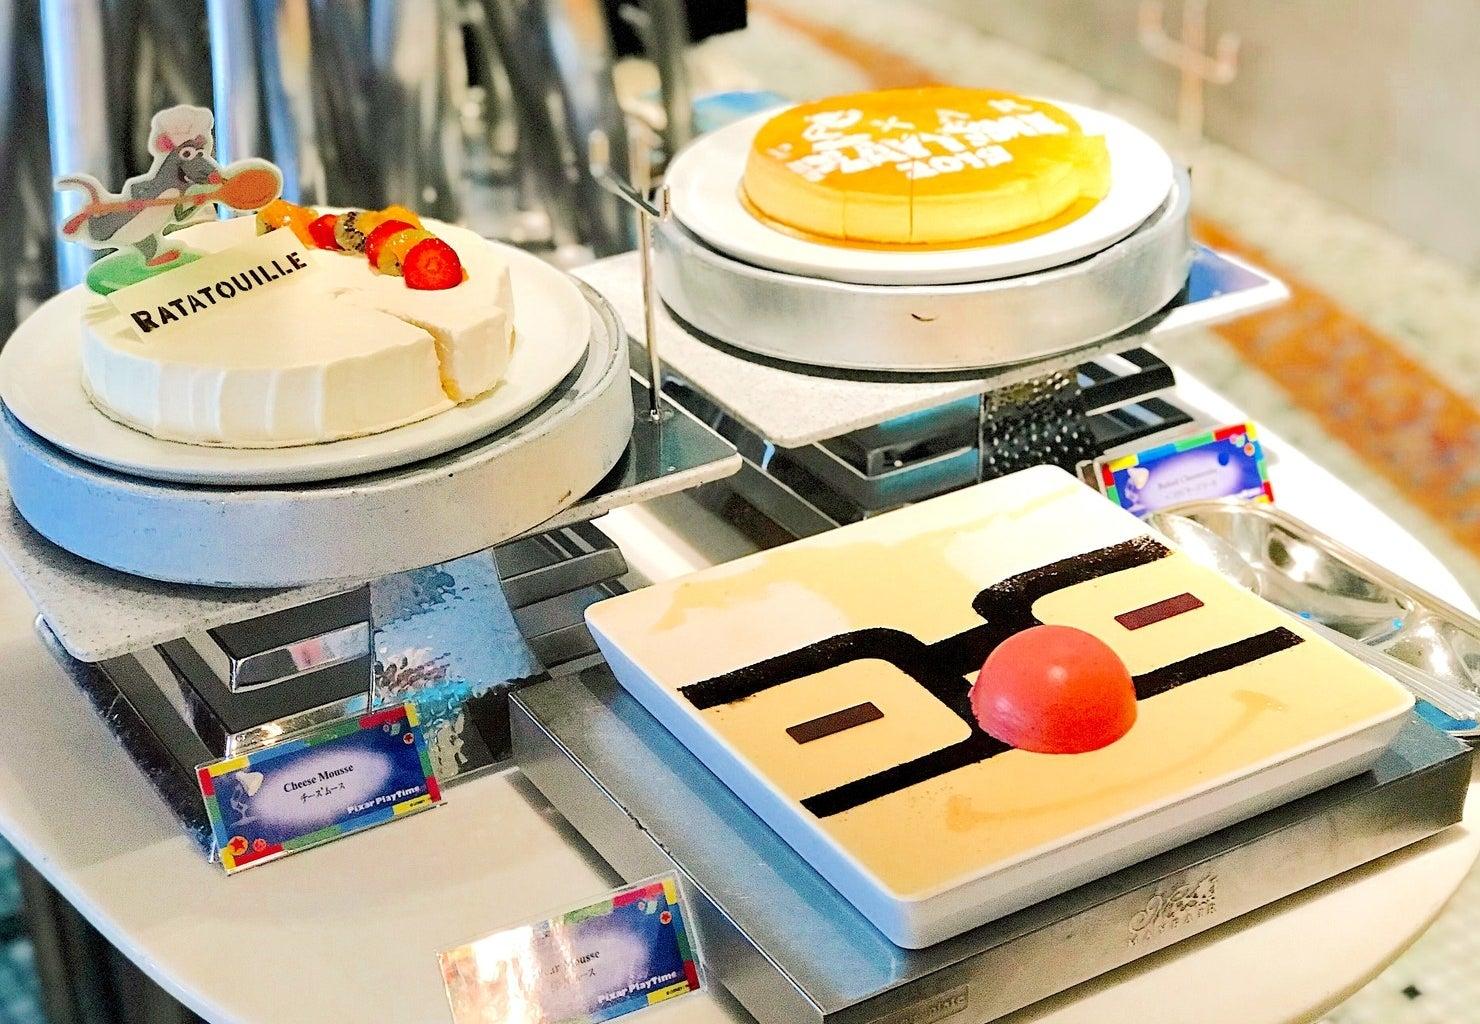 東京ディズニーシーの園内にあるホテルミラコスタ。現在、ホテルの中にある地中海料理レストラン「オチェーアノ」で、ピクサー映画をモチーフにしたランチビュッフェを開催しています。